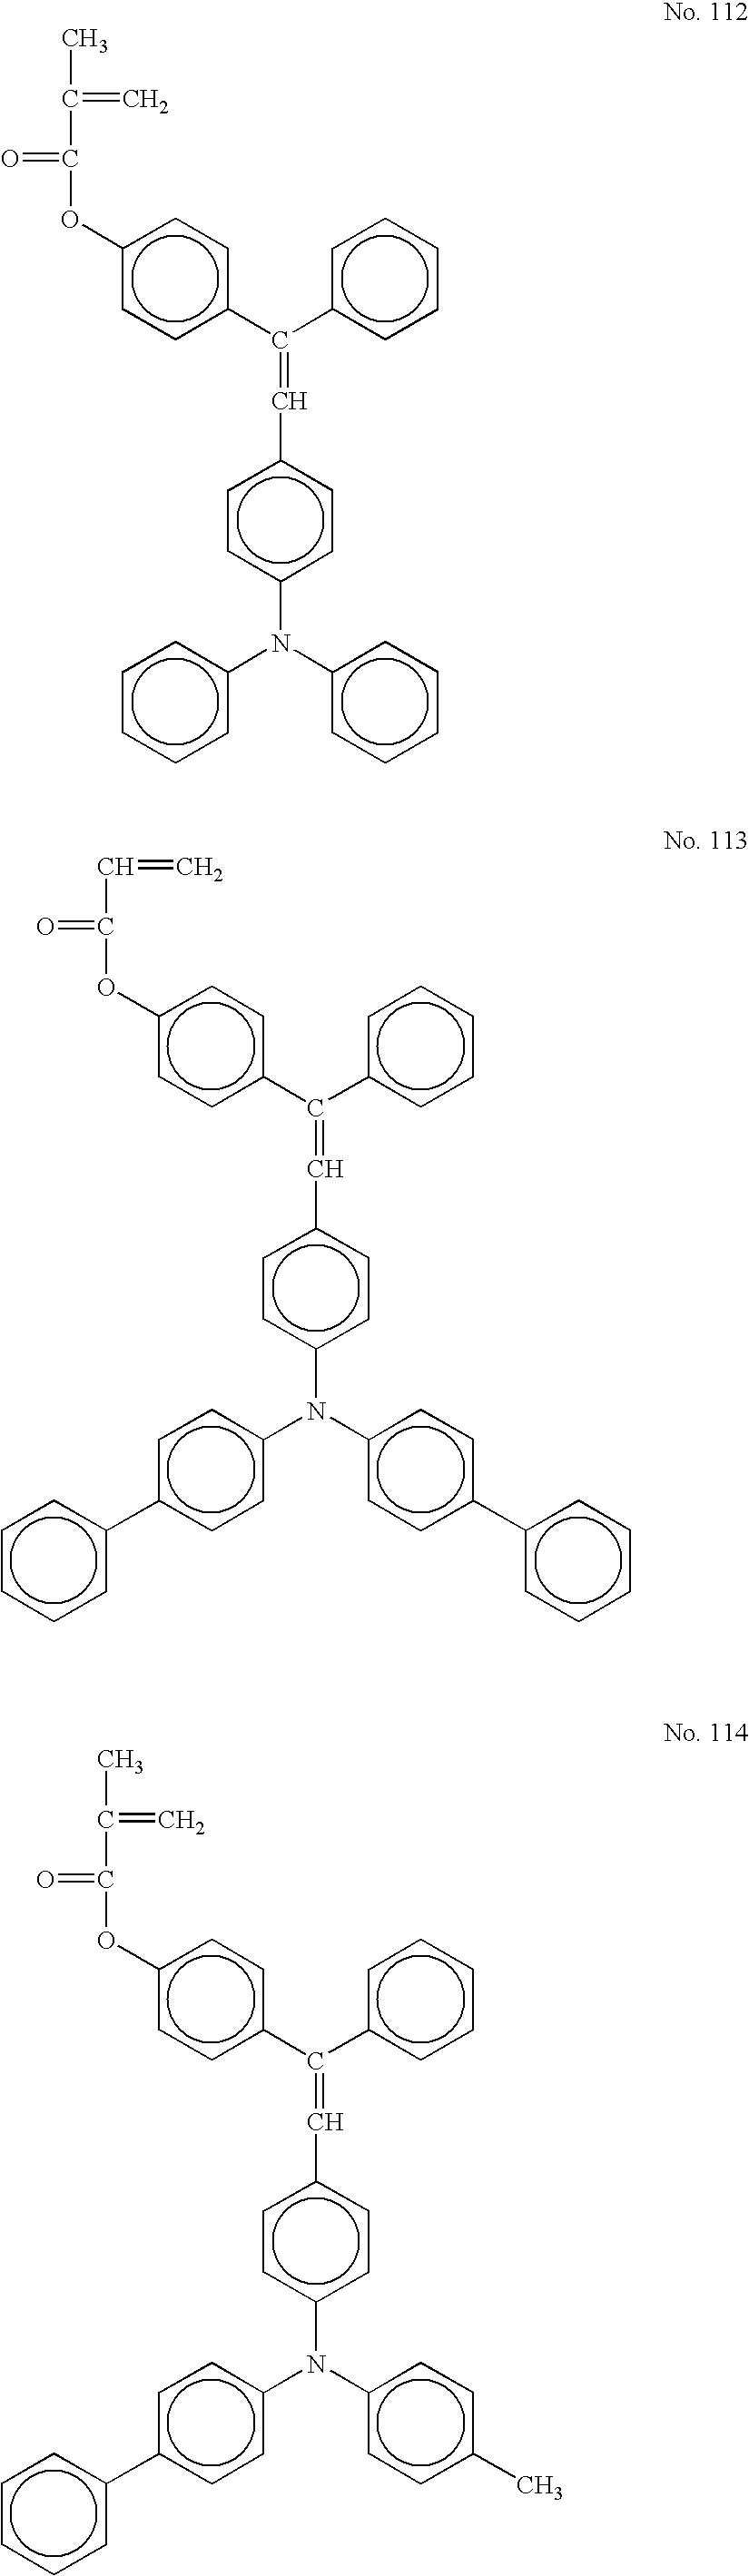 Figure US20050158641A1-20050721-C00052